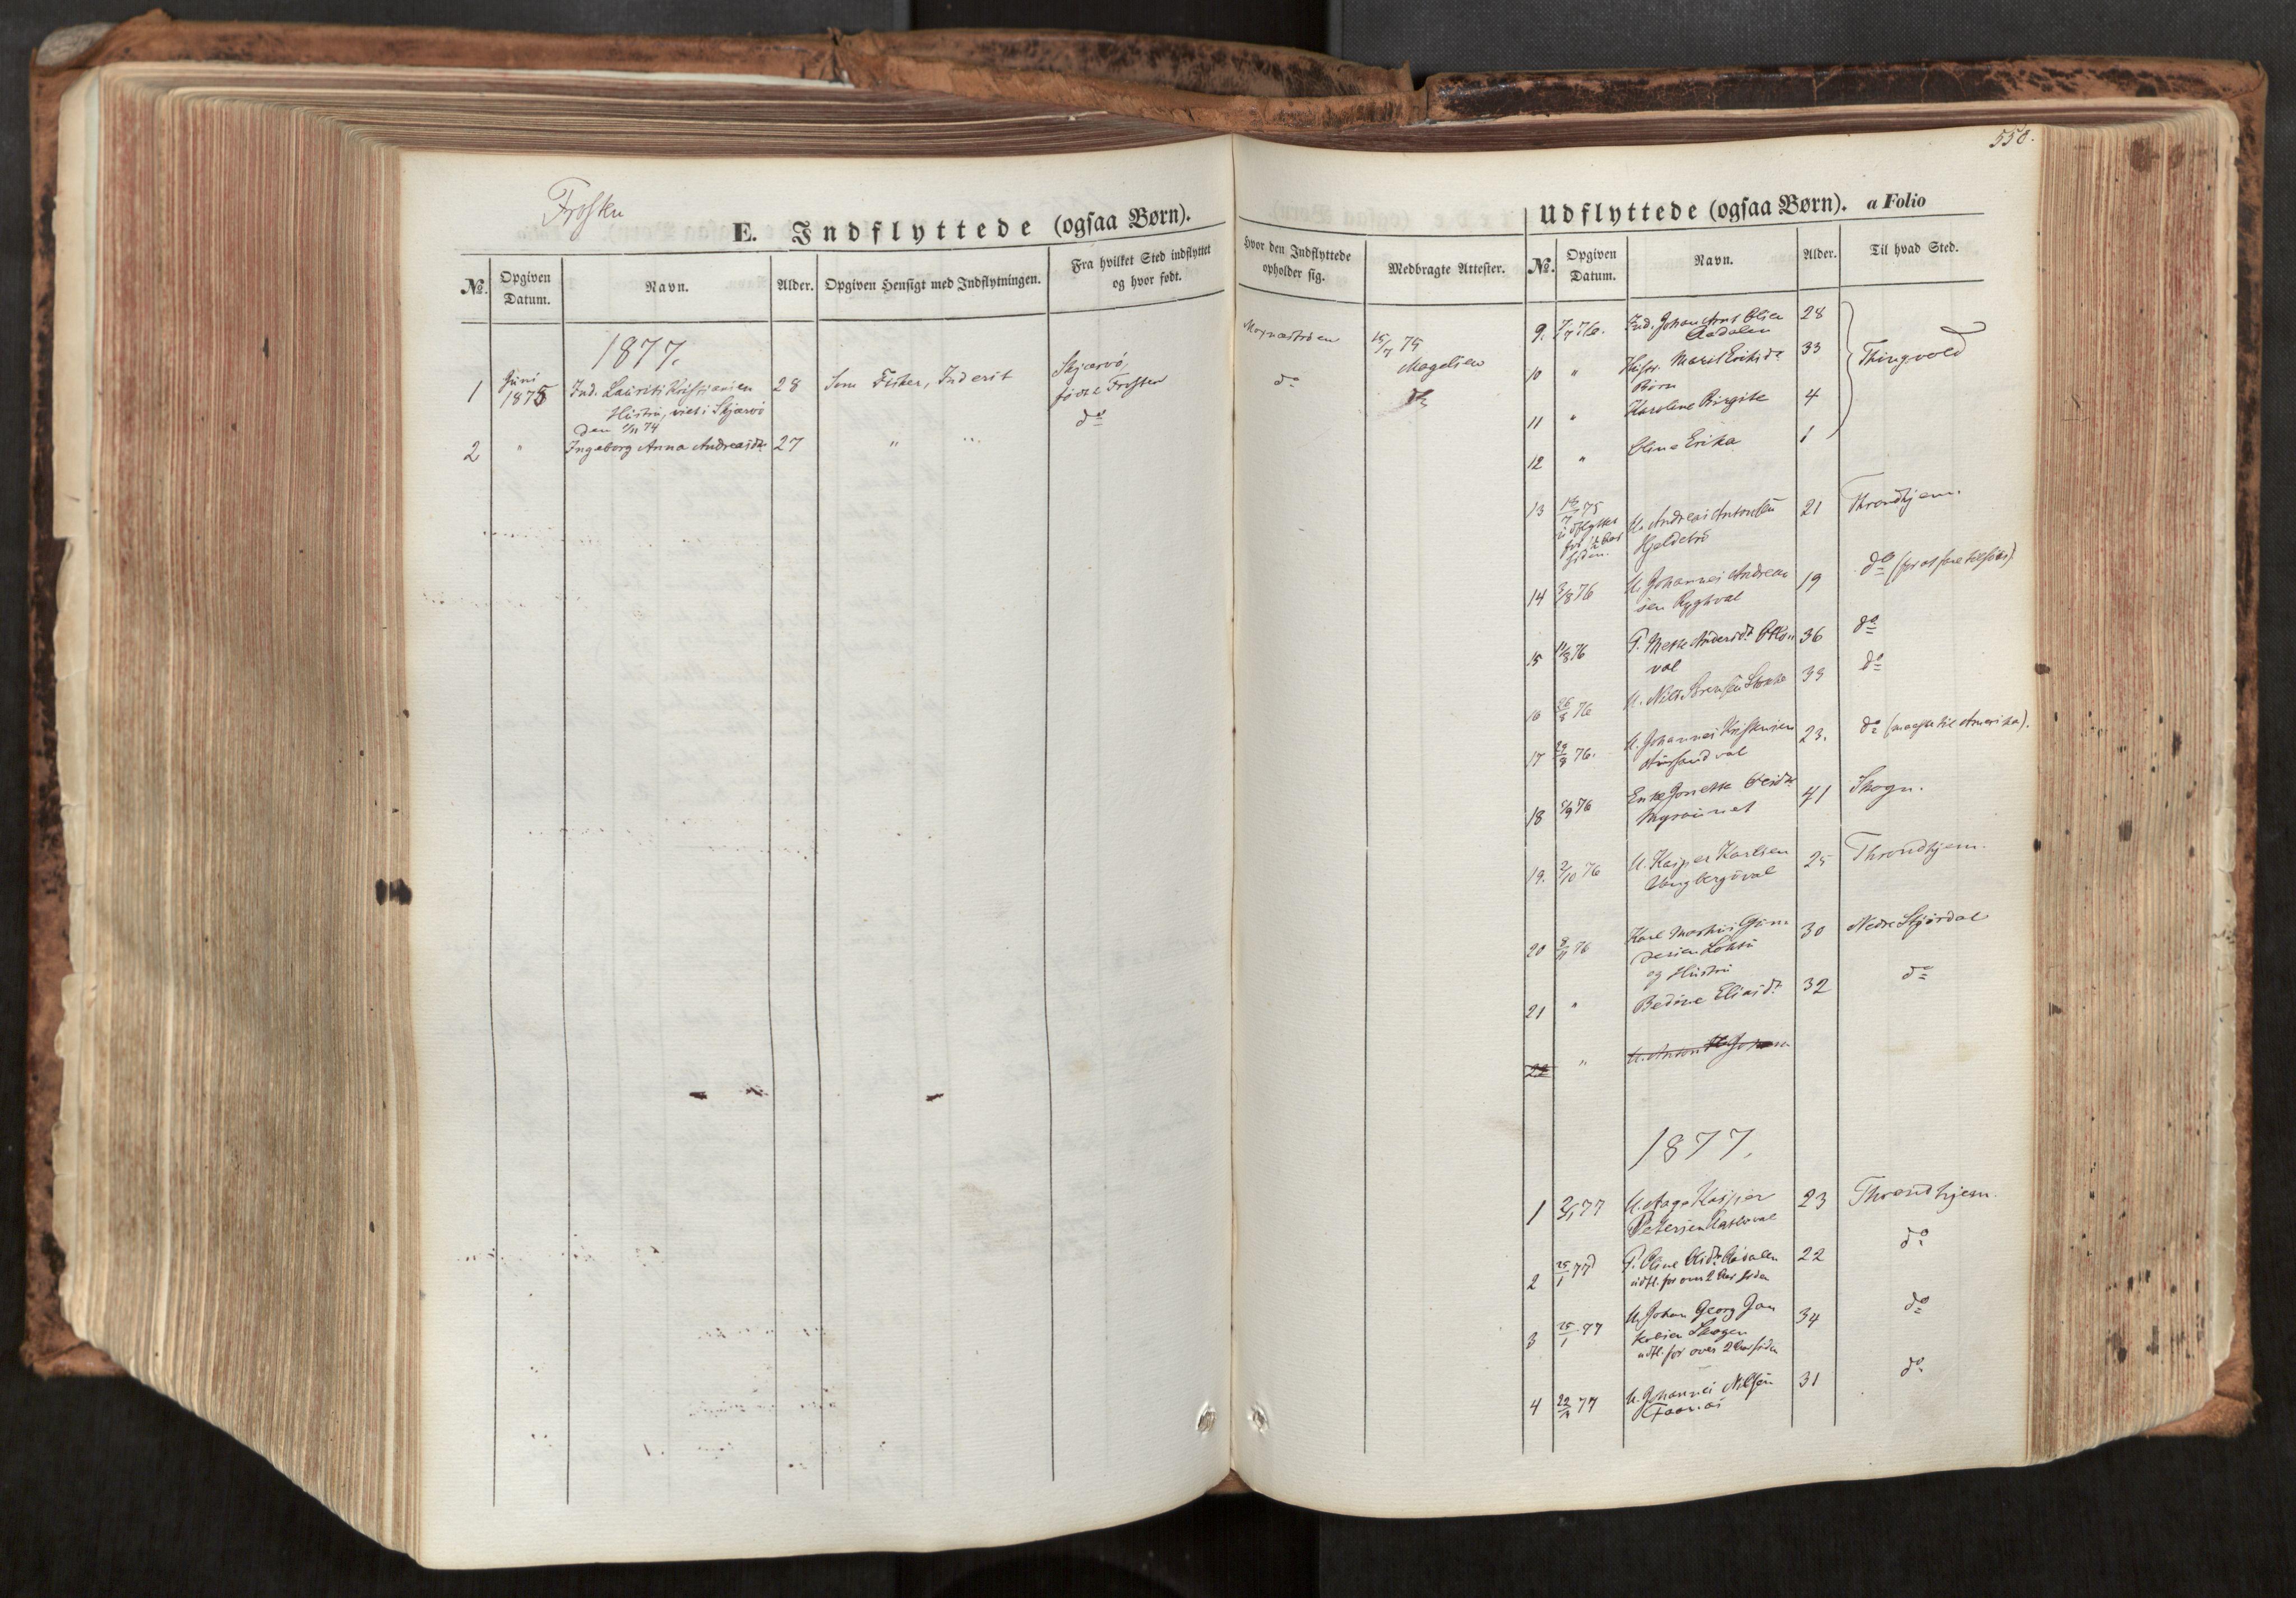 SAT, Ministerialprotokoller, klokkerbøker og fødselsregistre - Nord-Trøndelag, 713/L0116: Ministerialbok nr. 713A07, 1850-1877, s. 550